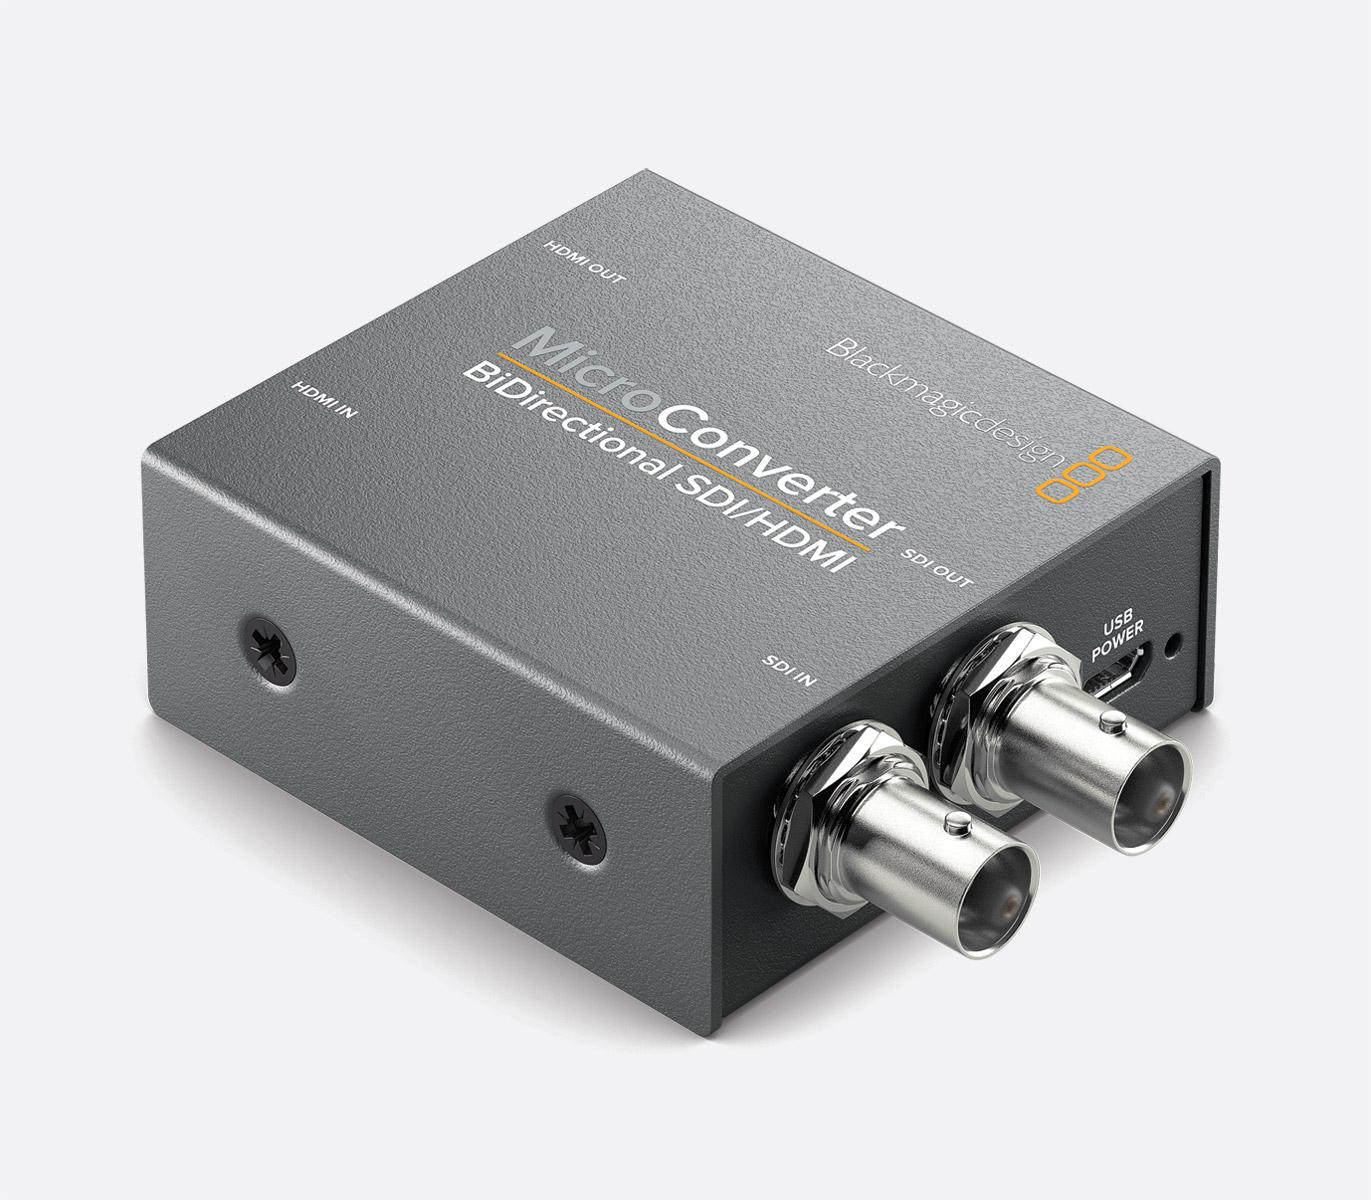 blackmagic micro converter hdmi to sdi driver download